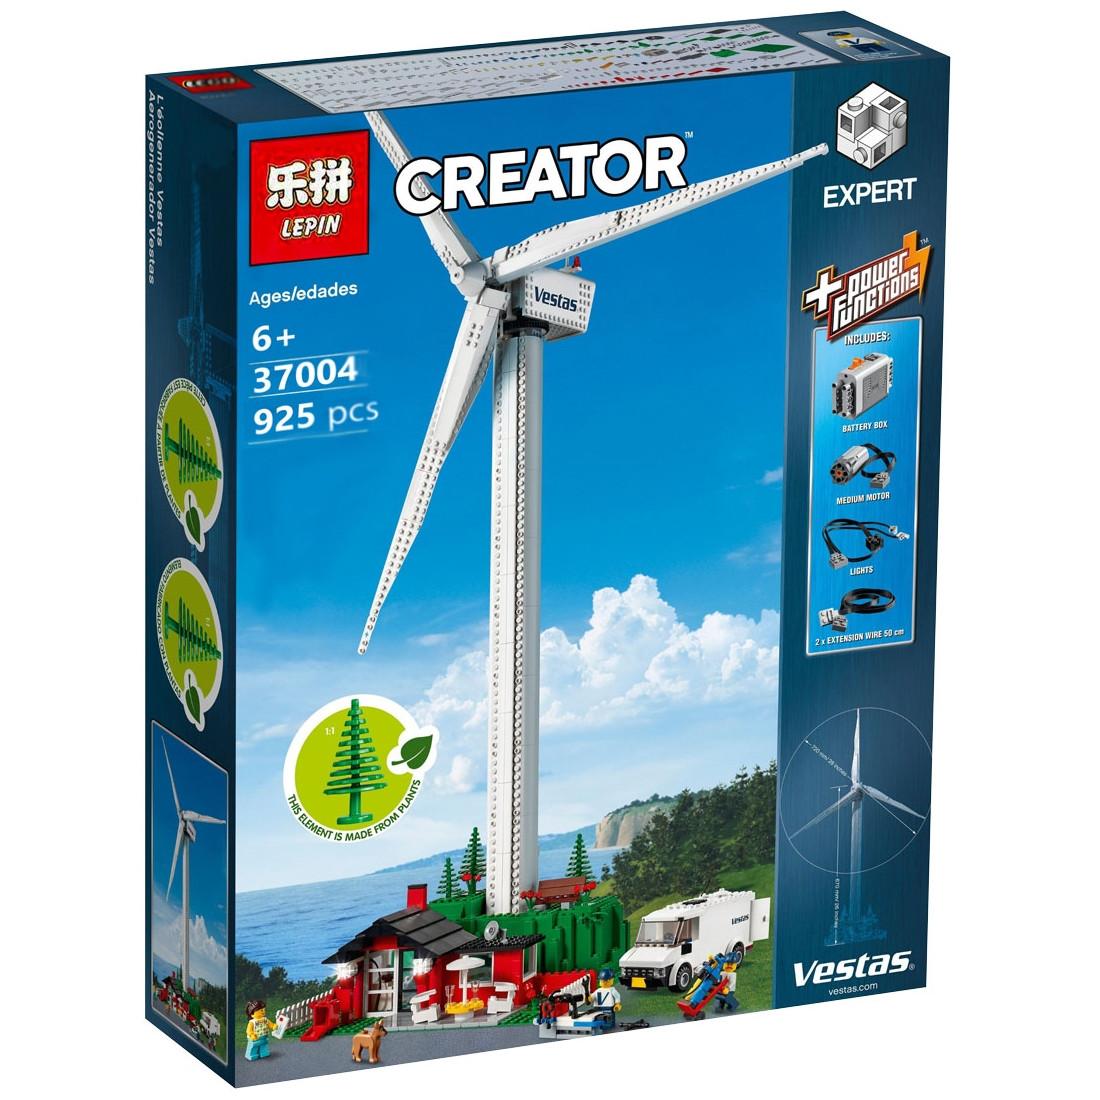 """Конструктор Lepin 37004 """"Ветряная турбина Vestas"""" (реплика Lego Creator Expert 10268), 925 дет"""